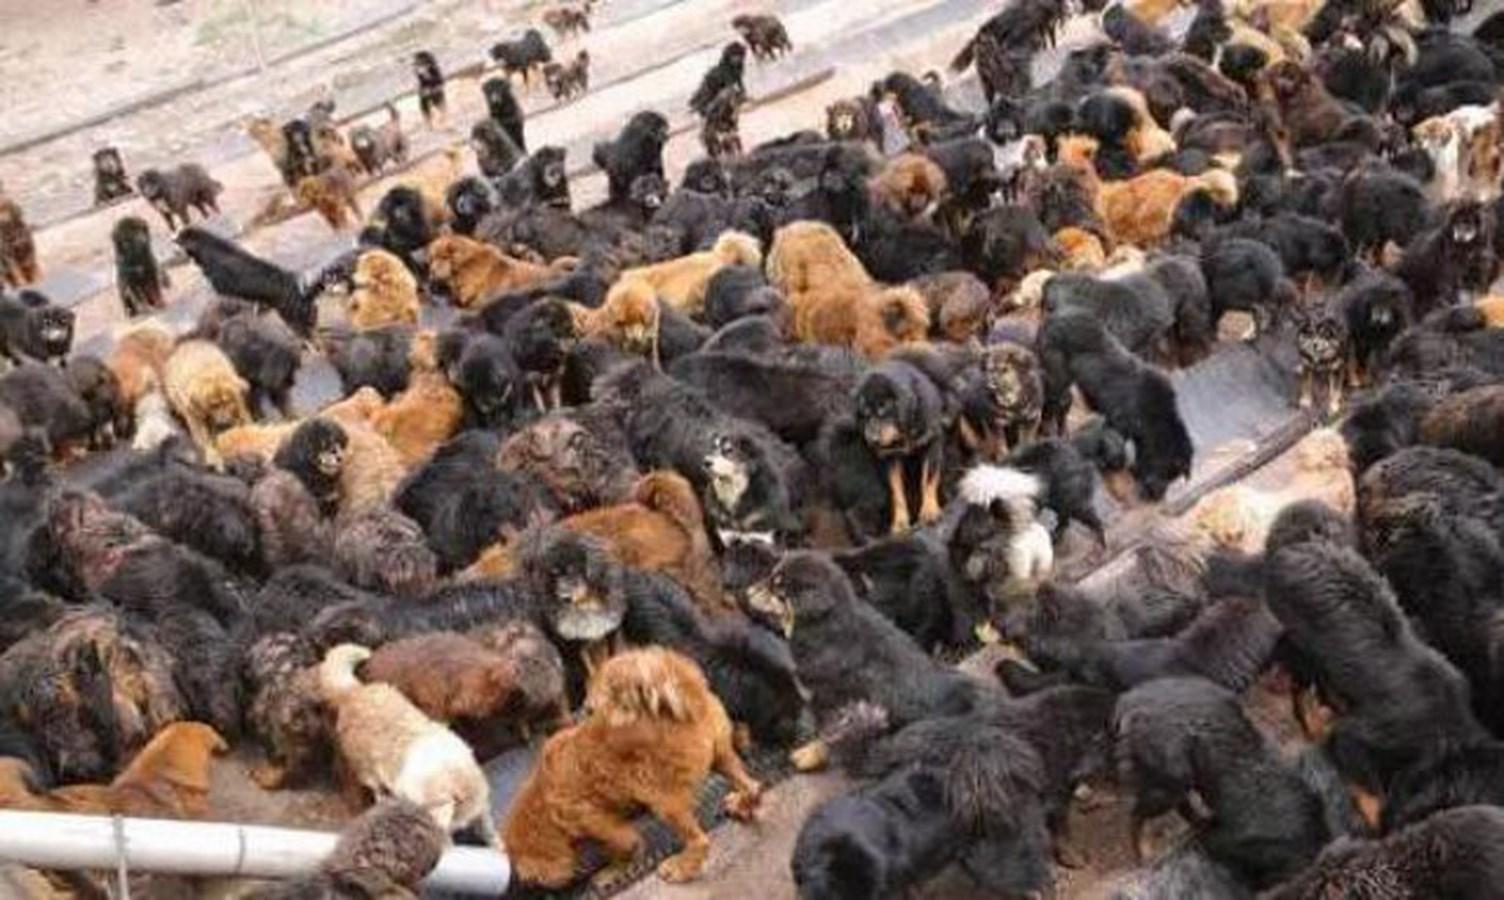 TQ: Chó ngao Tây Tạng kết đàn hùng hậu đi phá xóm làng - 1